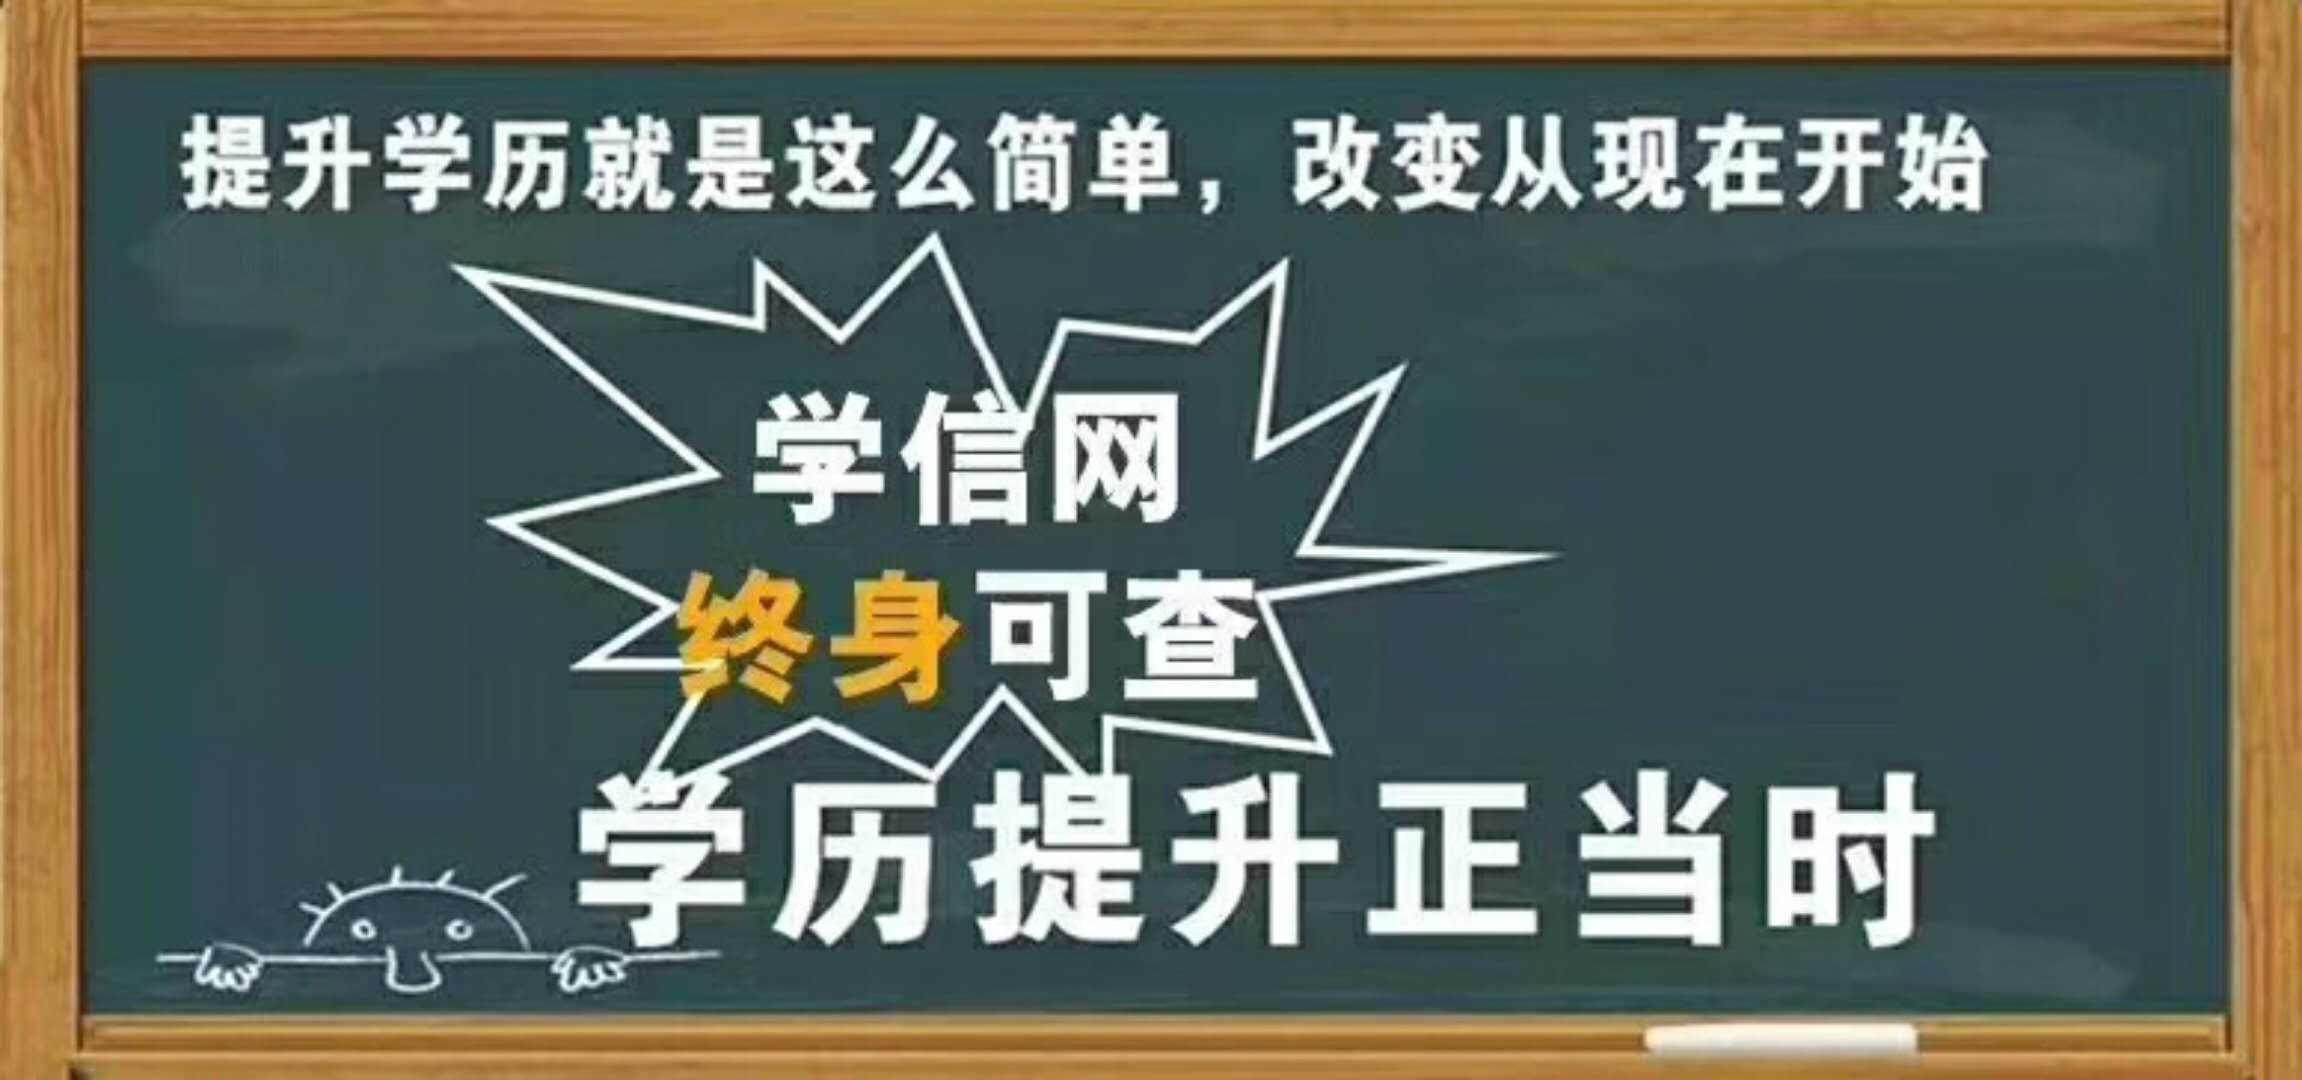 重庆2020自学考试热门专业有哪些